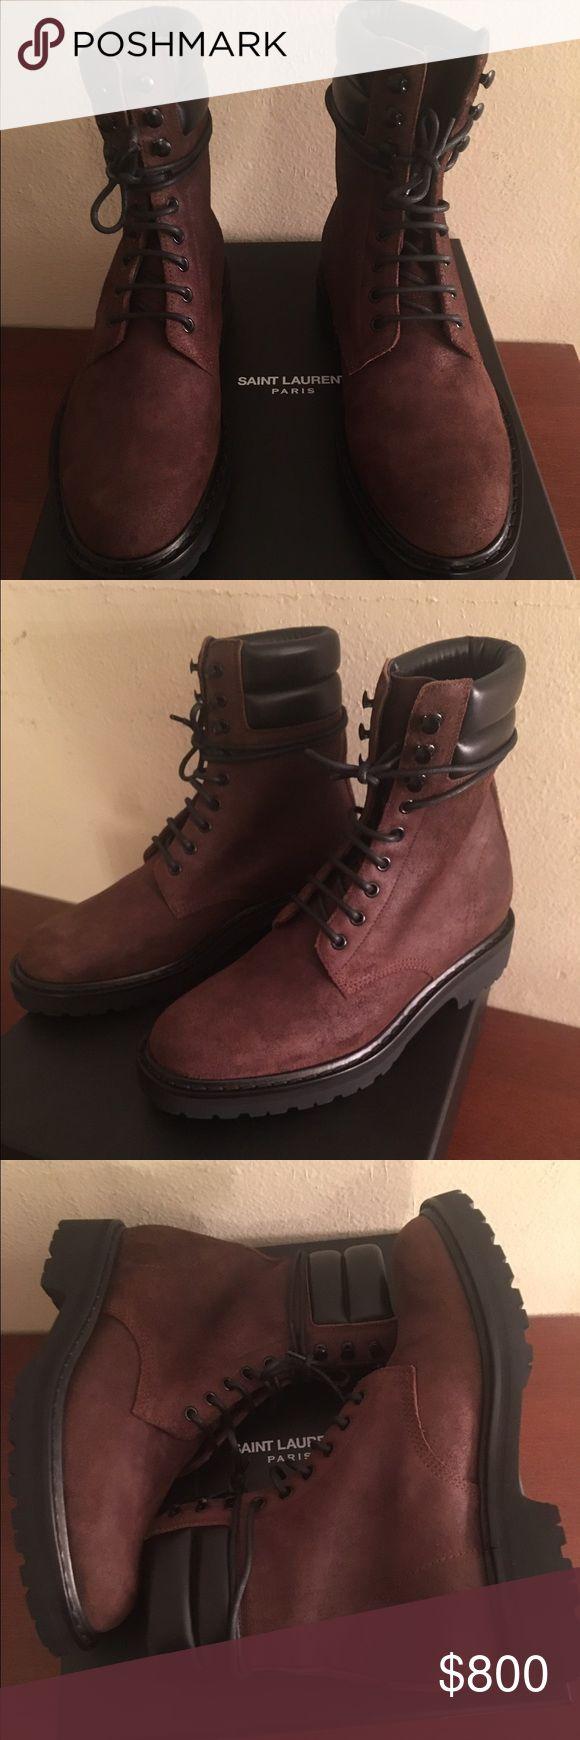 Saint Laurent Brown Combat Boots Brand new in box. Men's Saint Laurent brown combat boots size 8uk/9us/42eu. Retail $995. Saint Laurent Shoes Boots